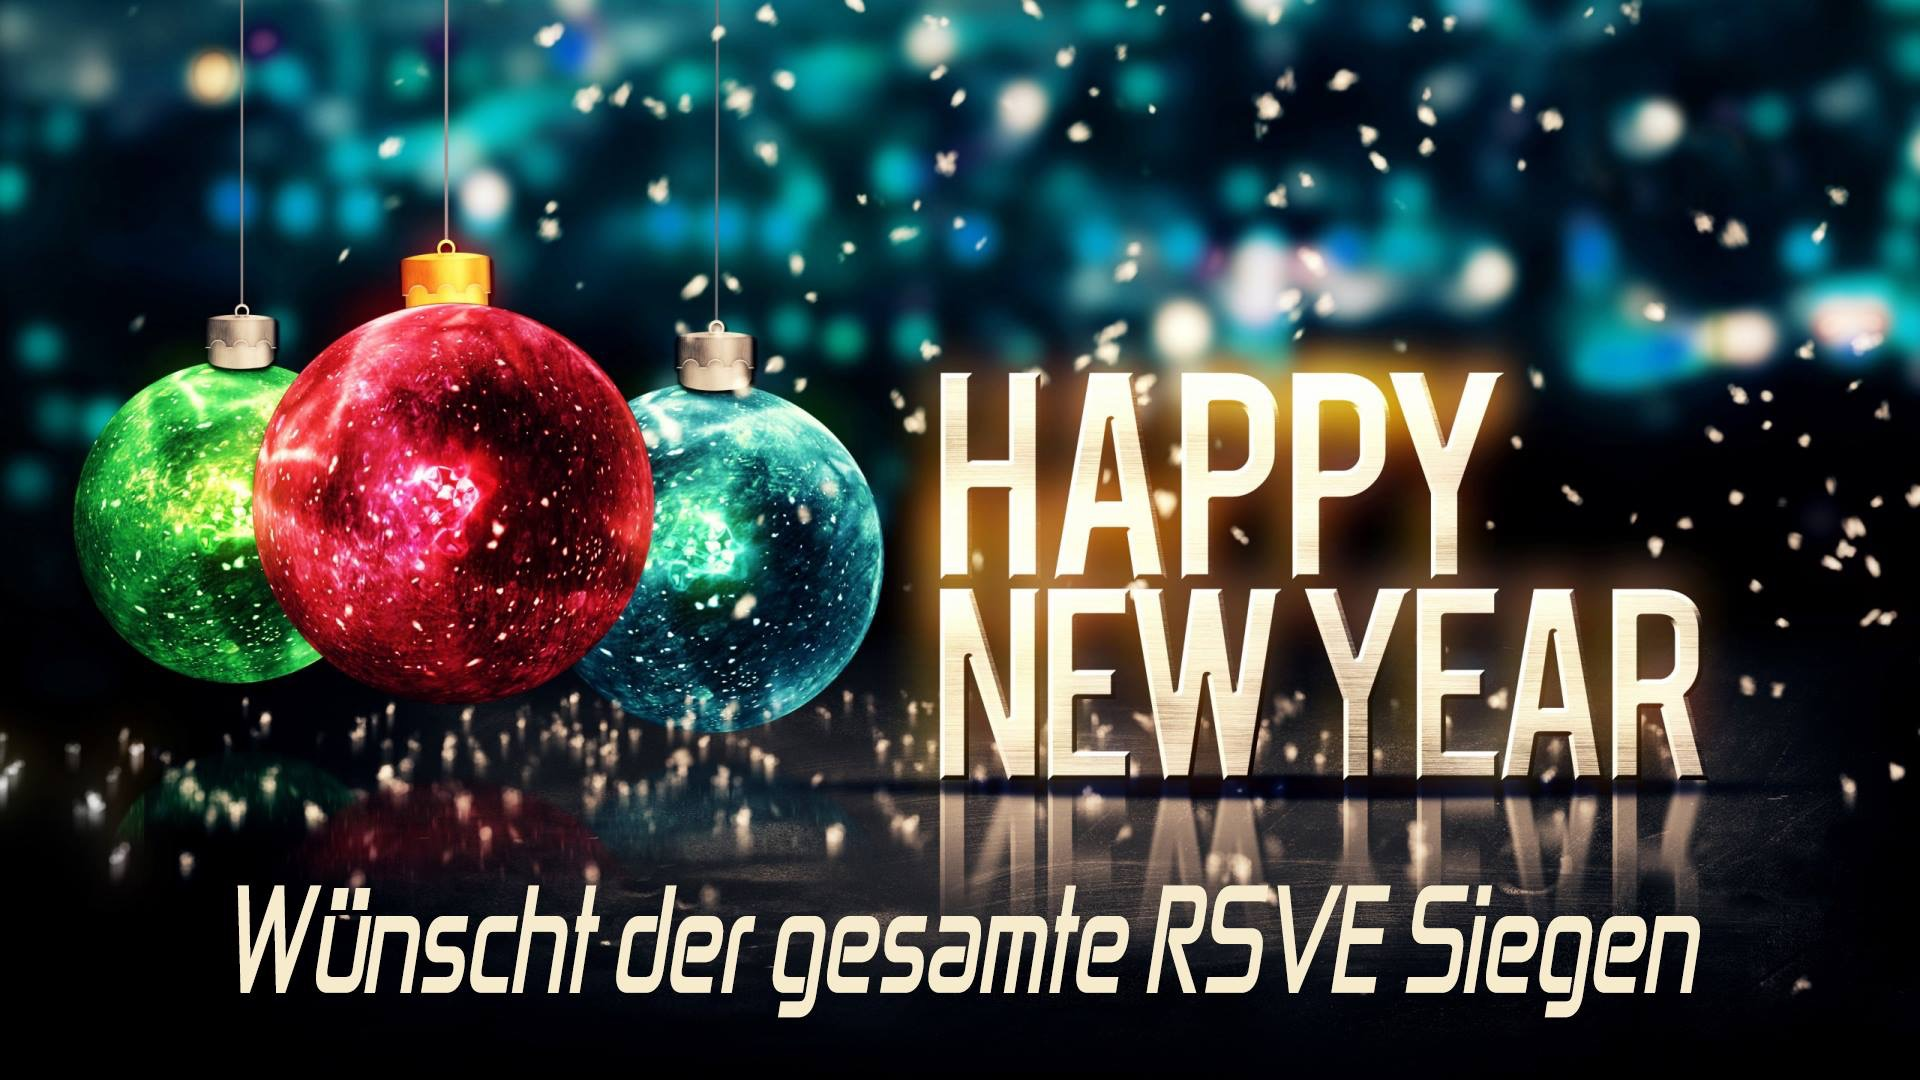 RSVE Siegen: FROHES NEUES JAHR 2017 !!!